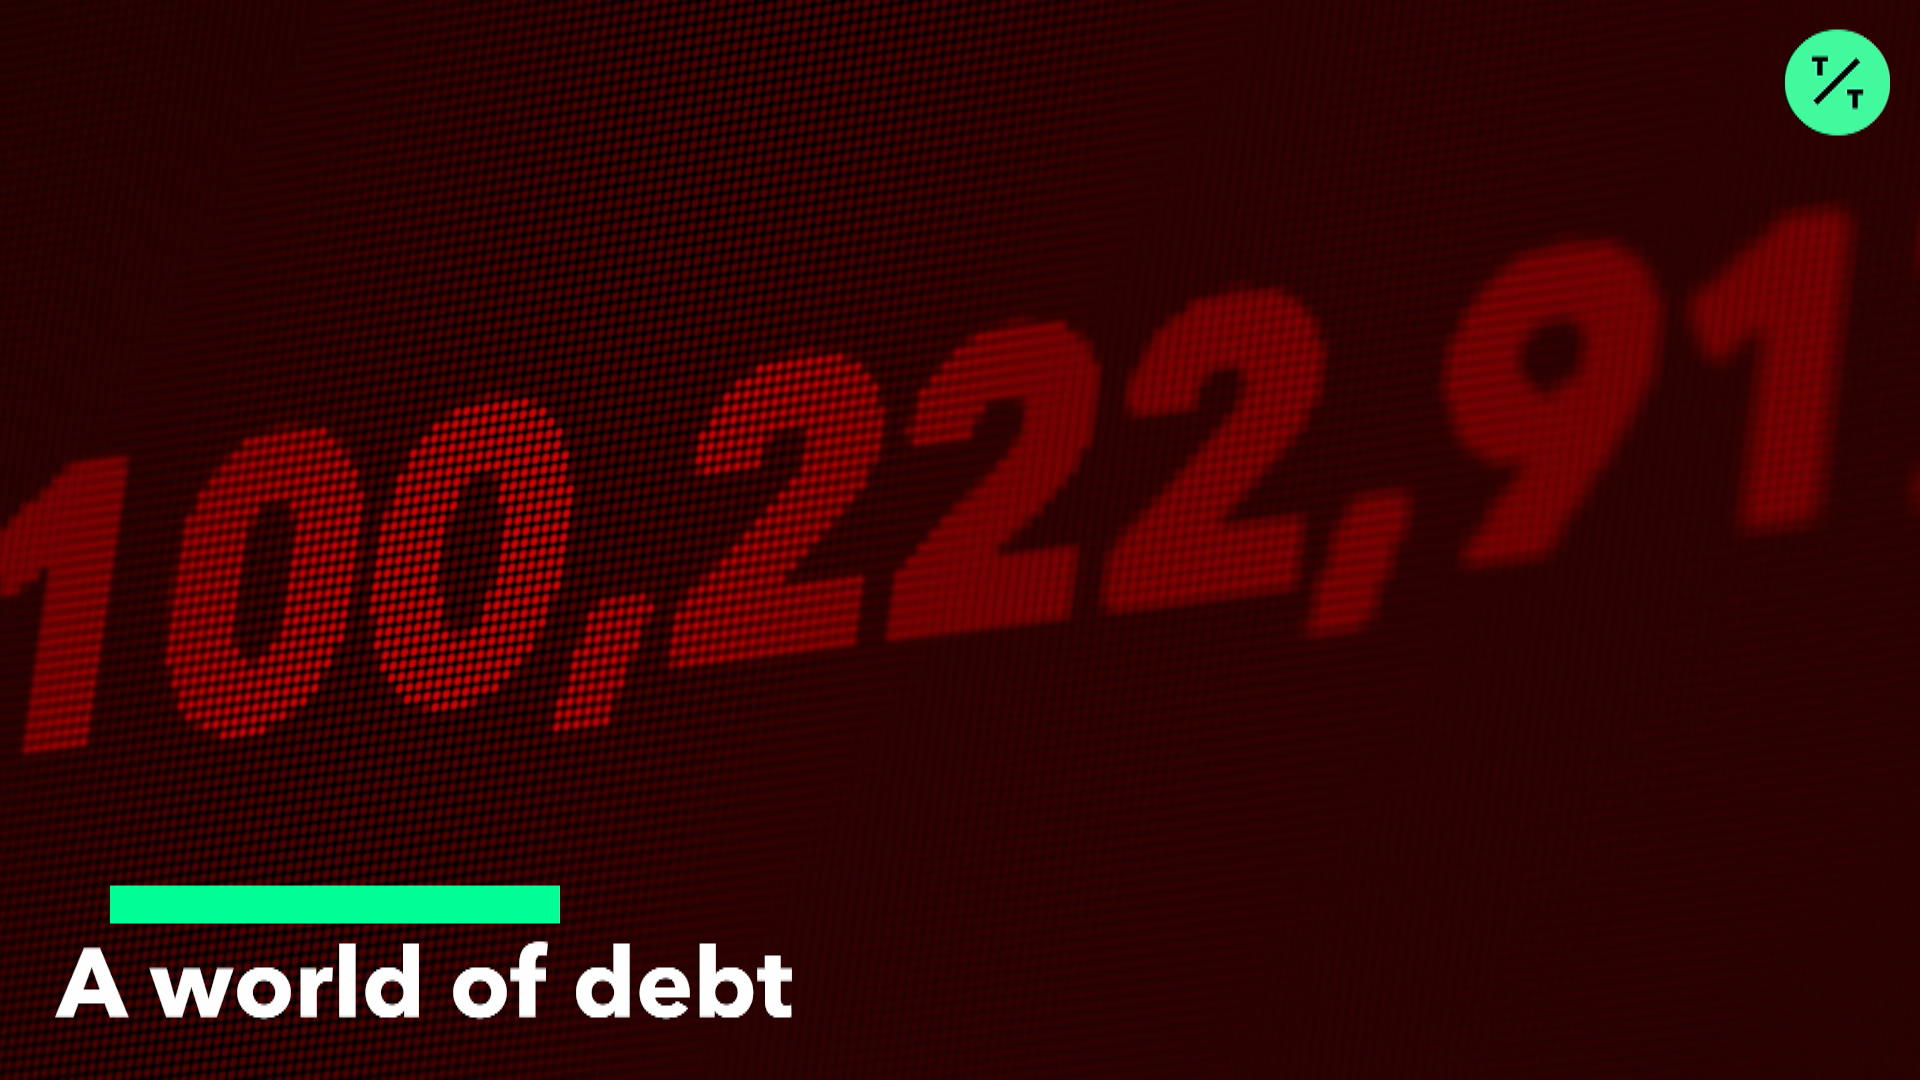 A World of Debt